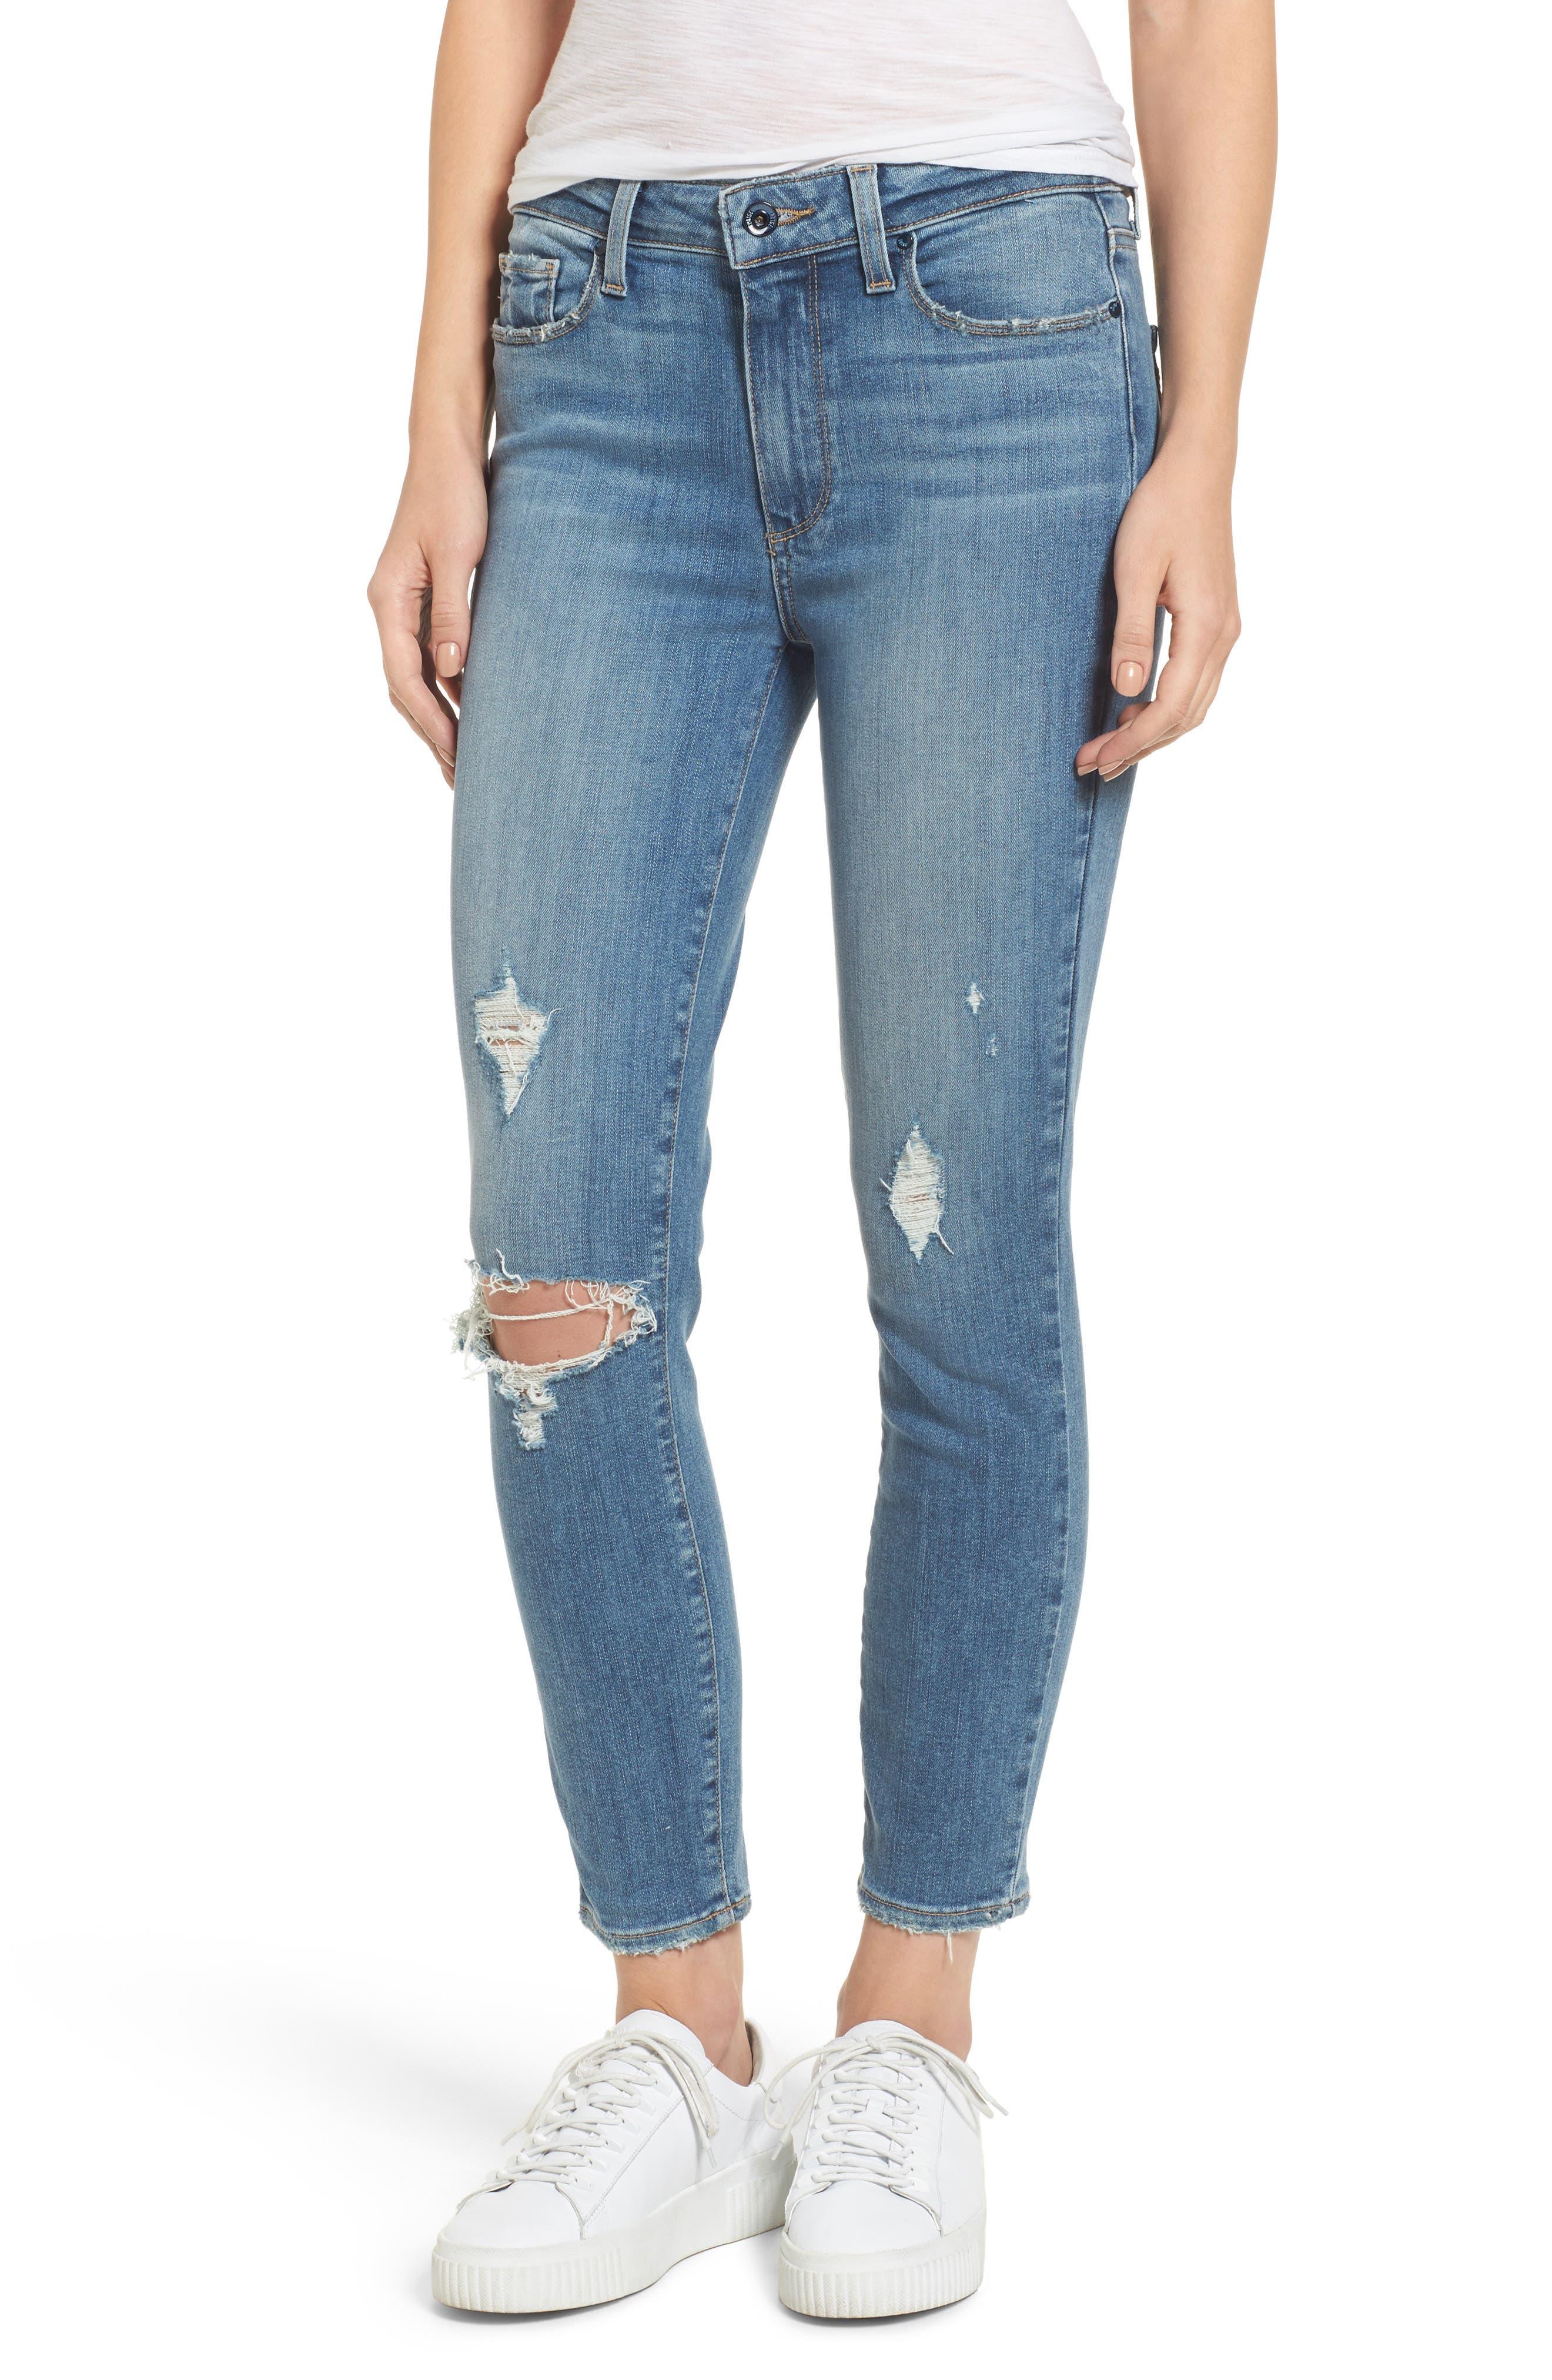 Transcend Vintage - Hoxton High Waist Crop Jeans,                             Main thumbnail 1, color,                             400